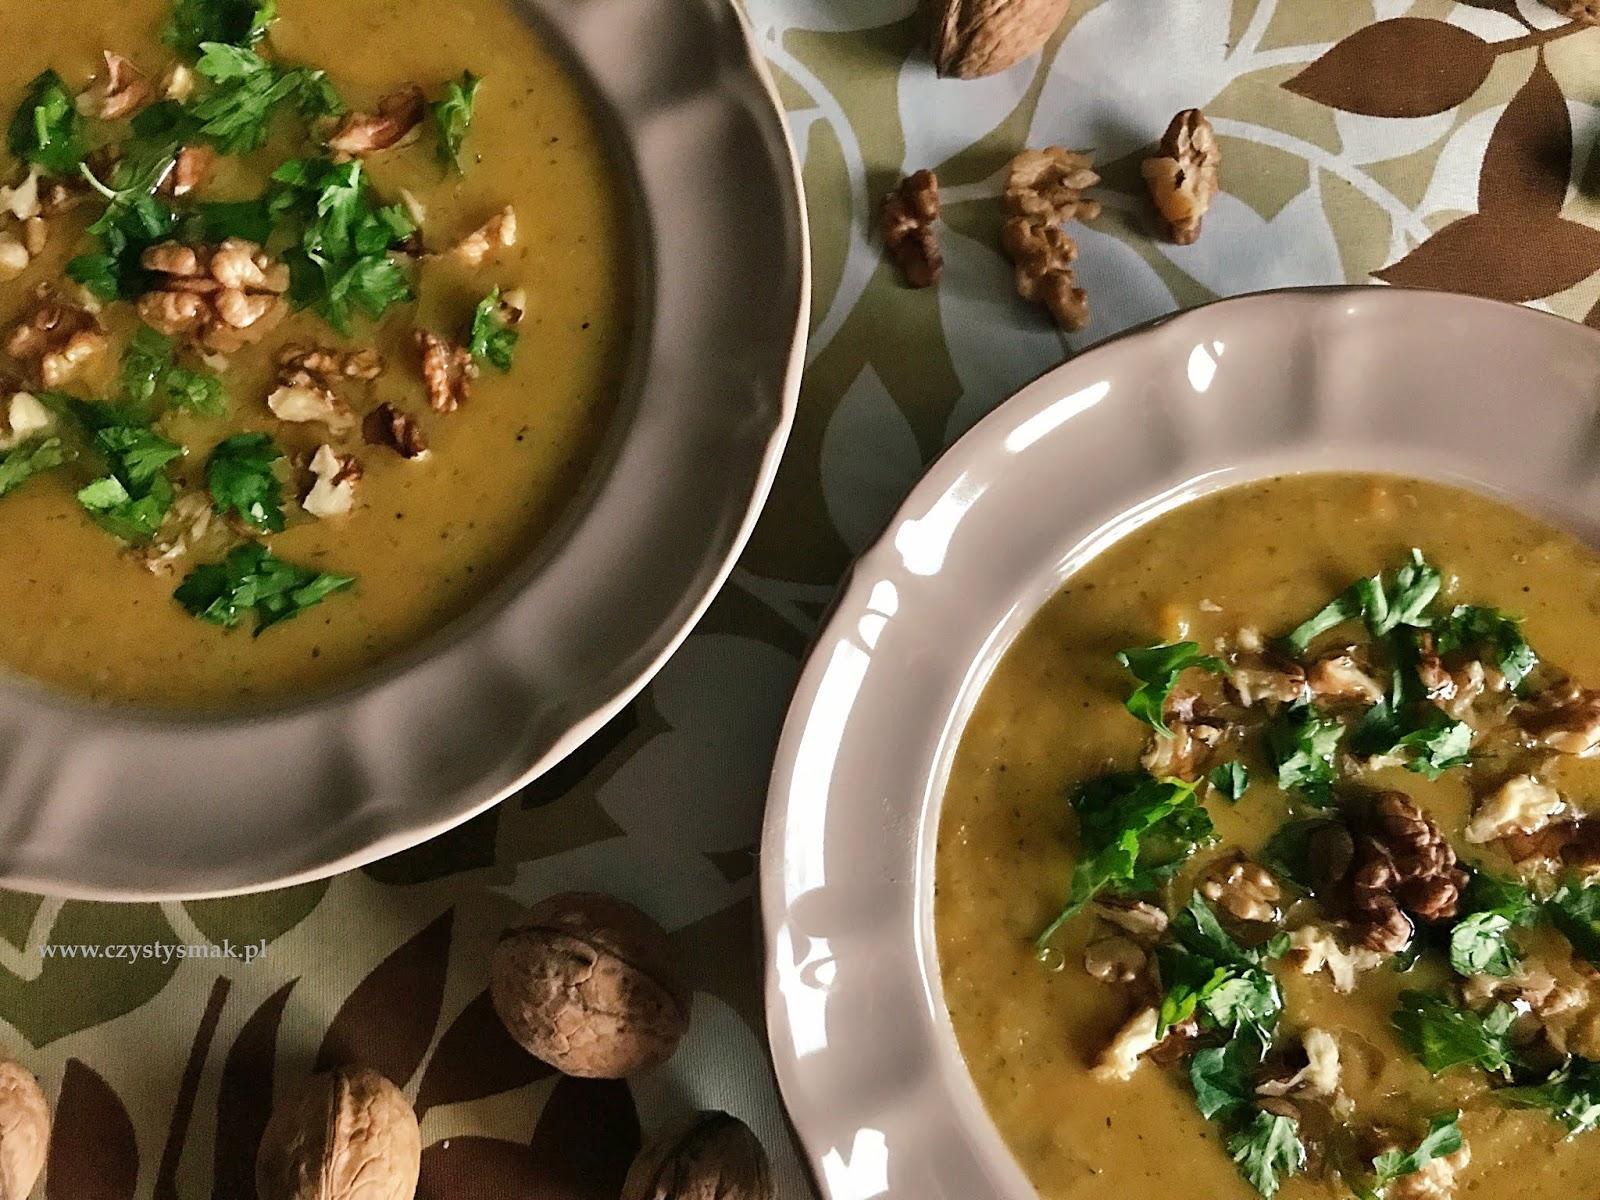 Orzechowa zupa z topinamburu z dodatkiem marchewki